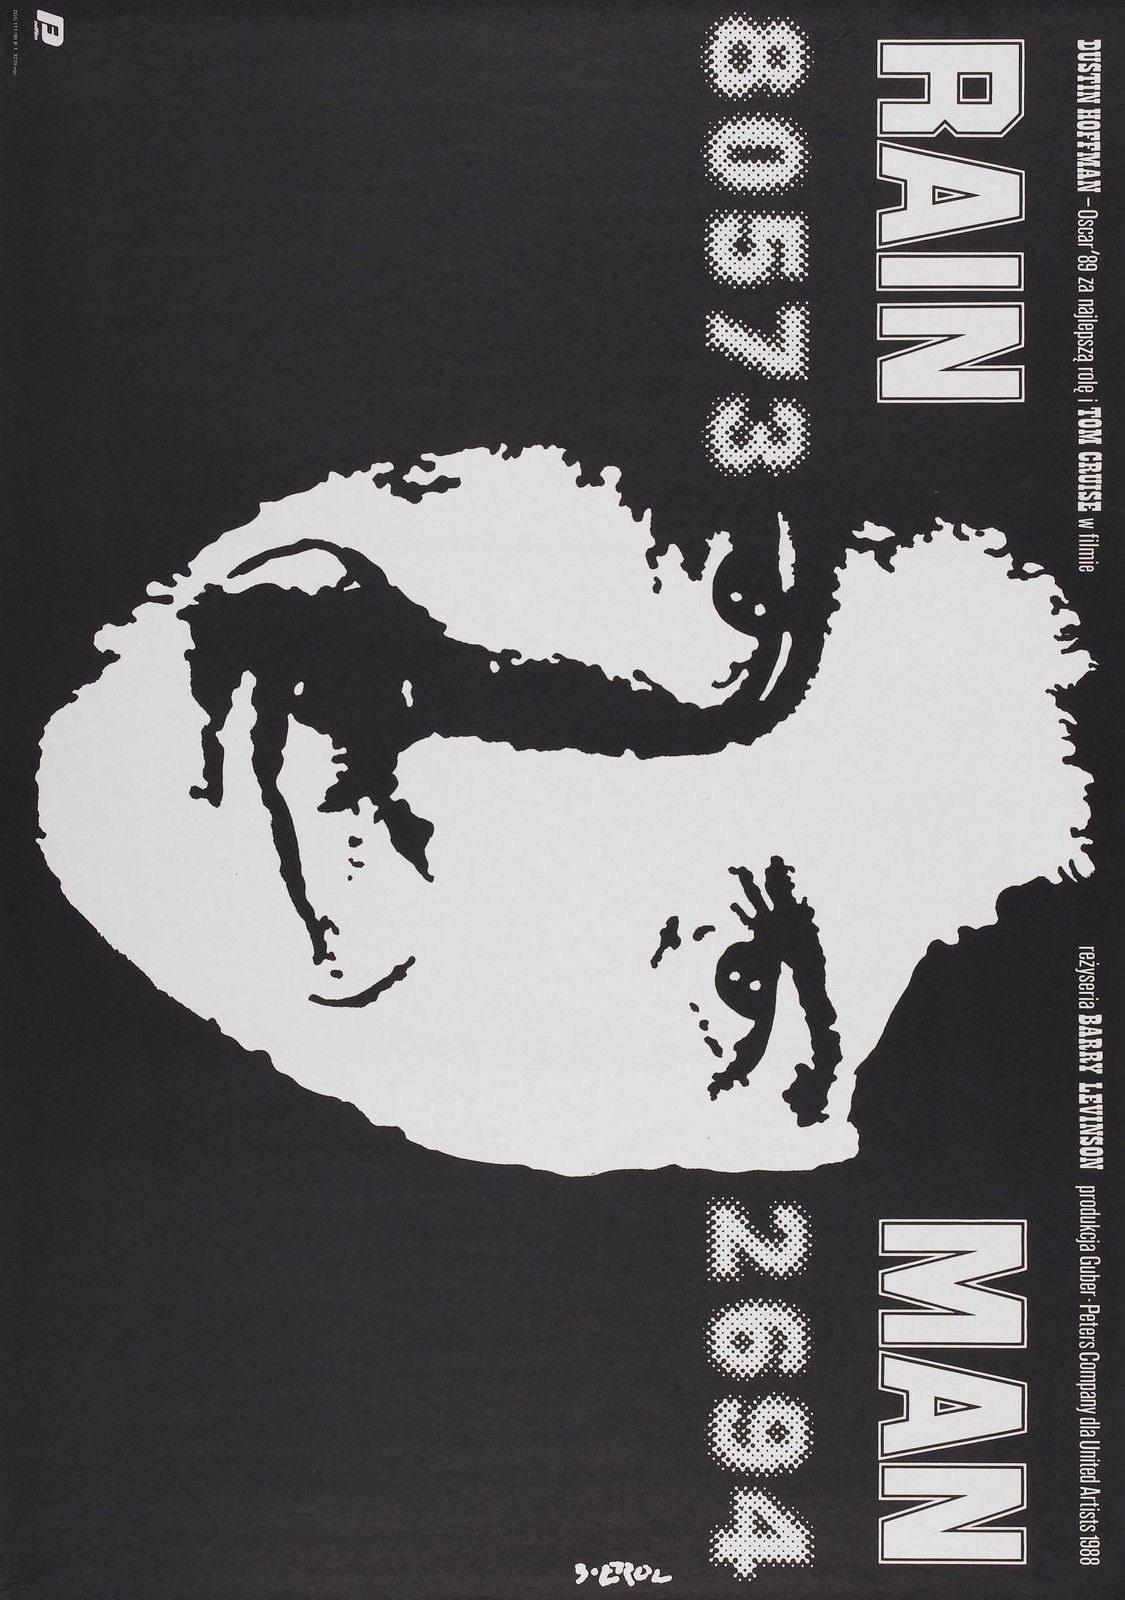 74340-RAIN-MAN-Movie-European-Version-Dustin-Hoffman-Wall-Print-Poster-Affiche